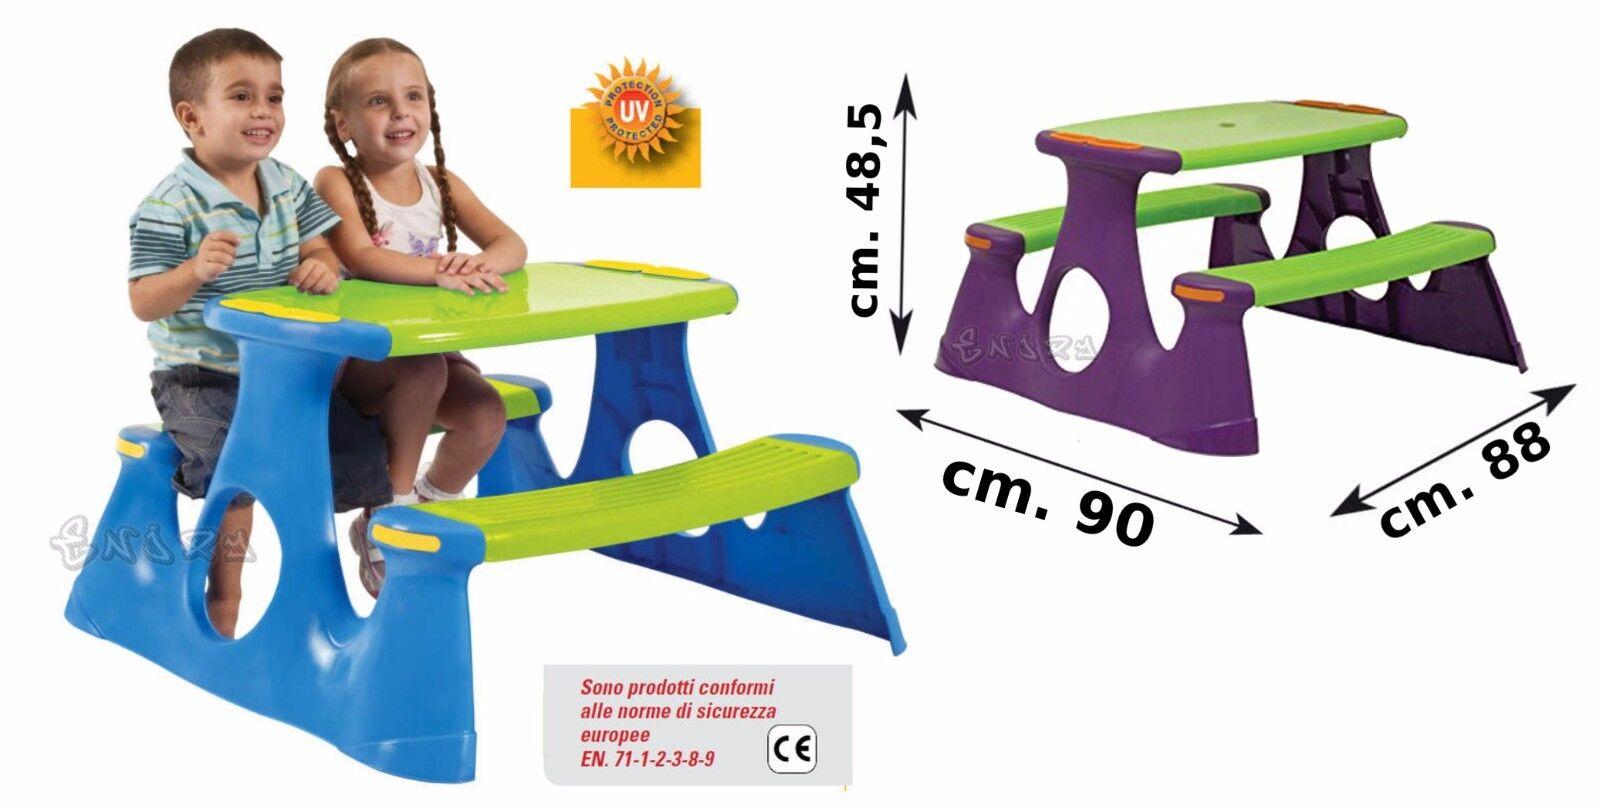 Tavolo per bambini con panche tavolo da giardino tavolo pic nic per 4 bambini